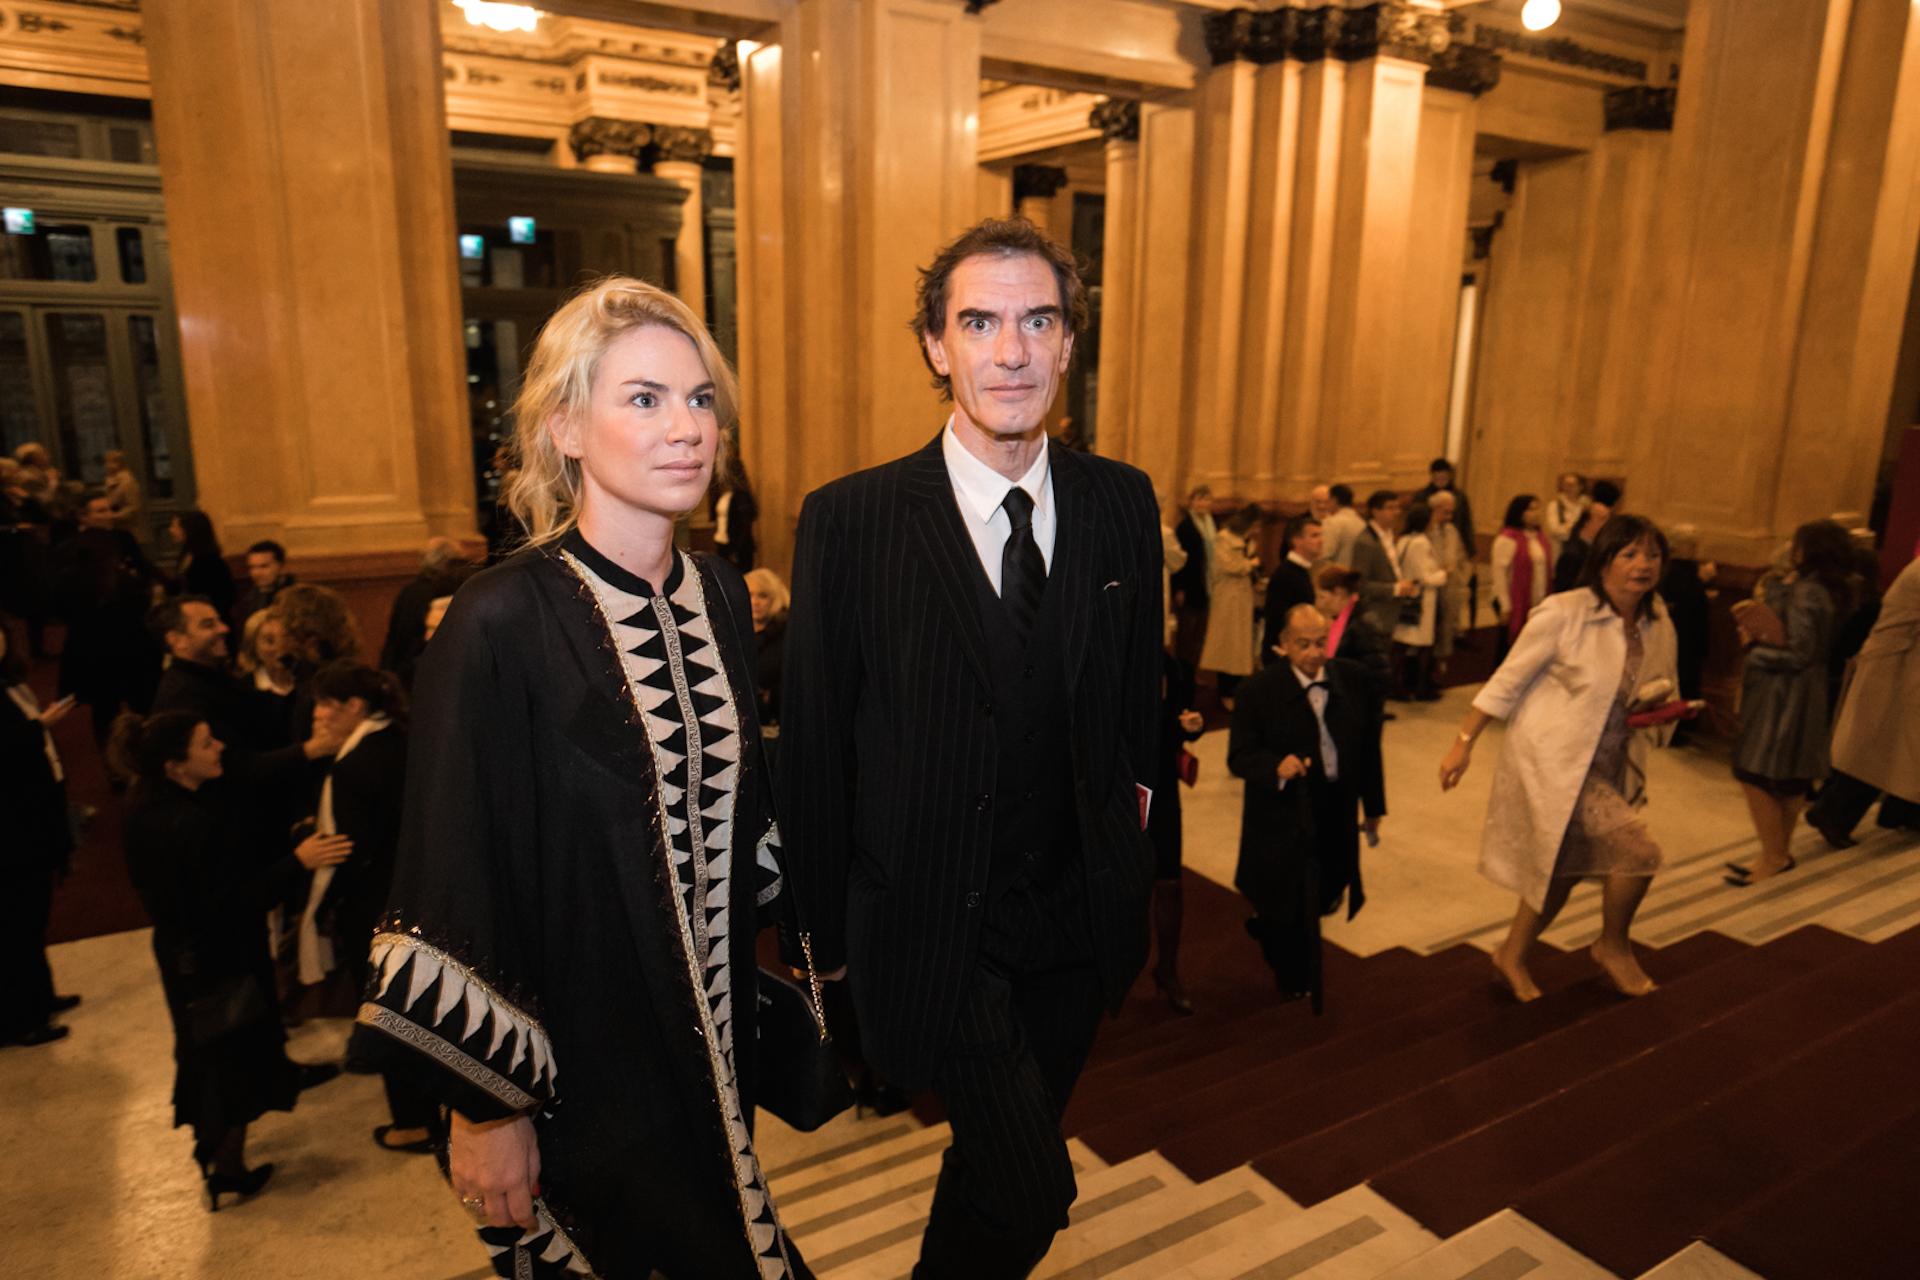 Esmeralda Mitre y Dario Loperfido en abril del 2017 en el teatro Colón. (Foto Archivo GENTE)